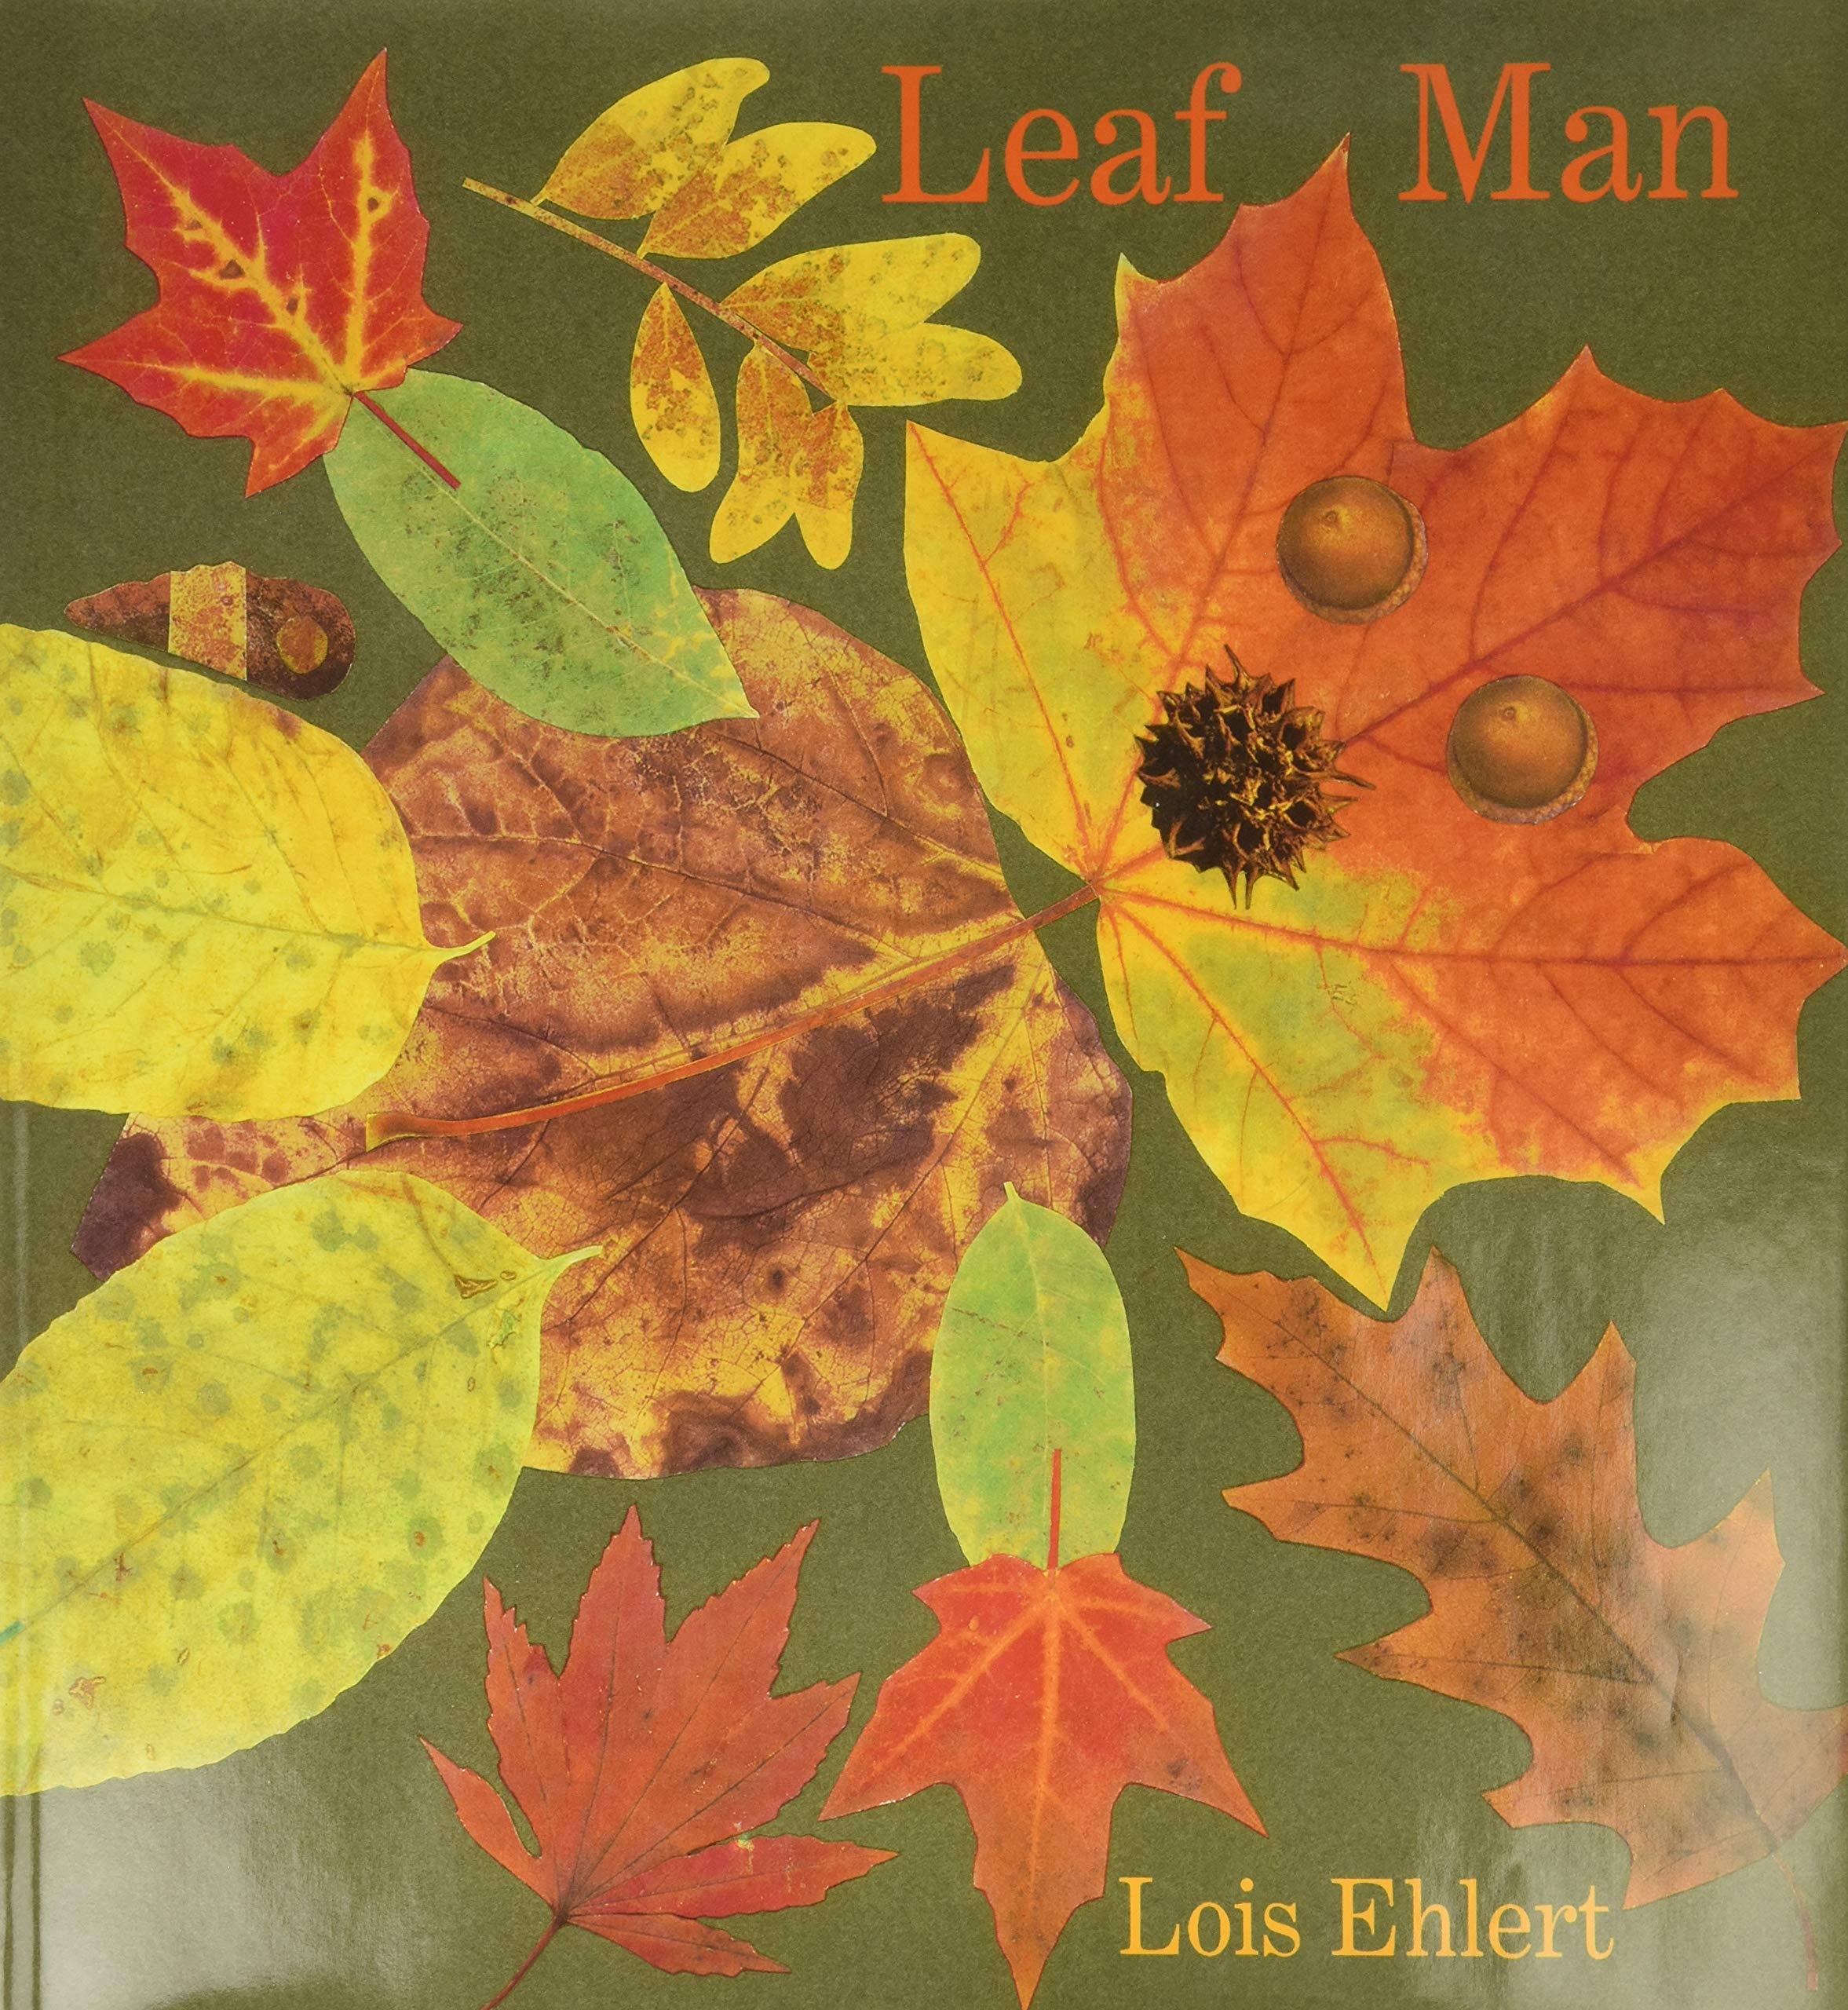 The Leaf Man Story Walk